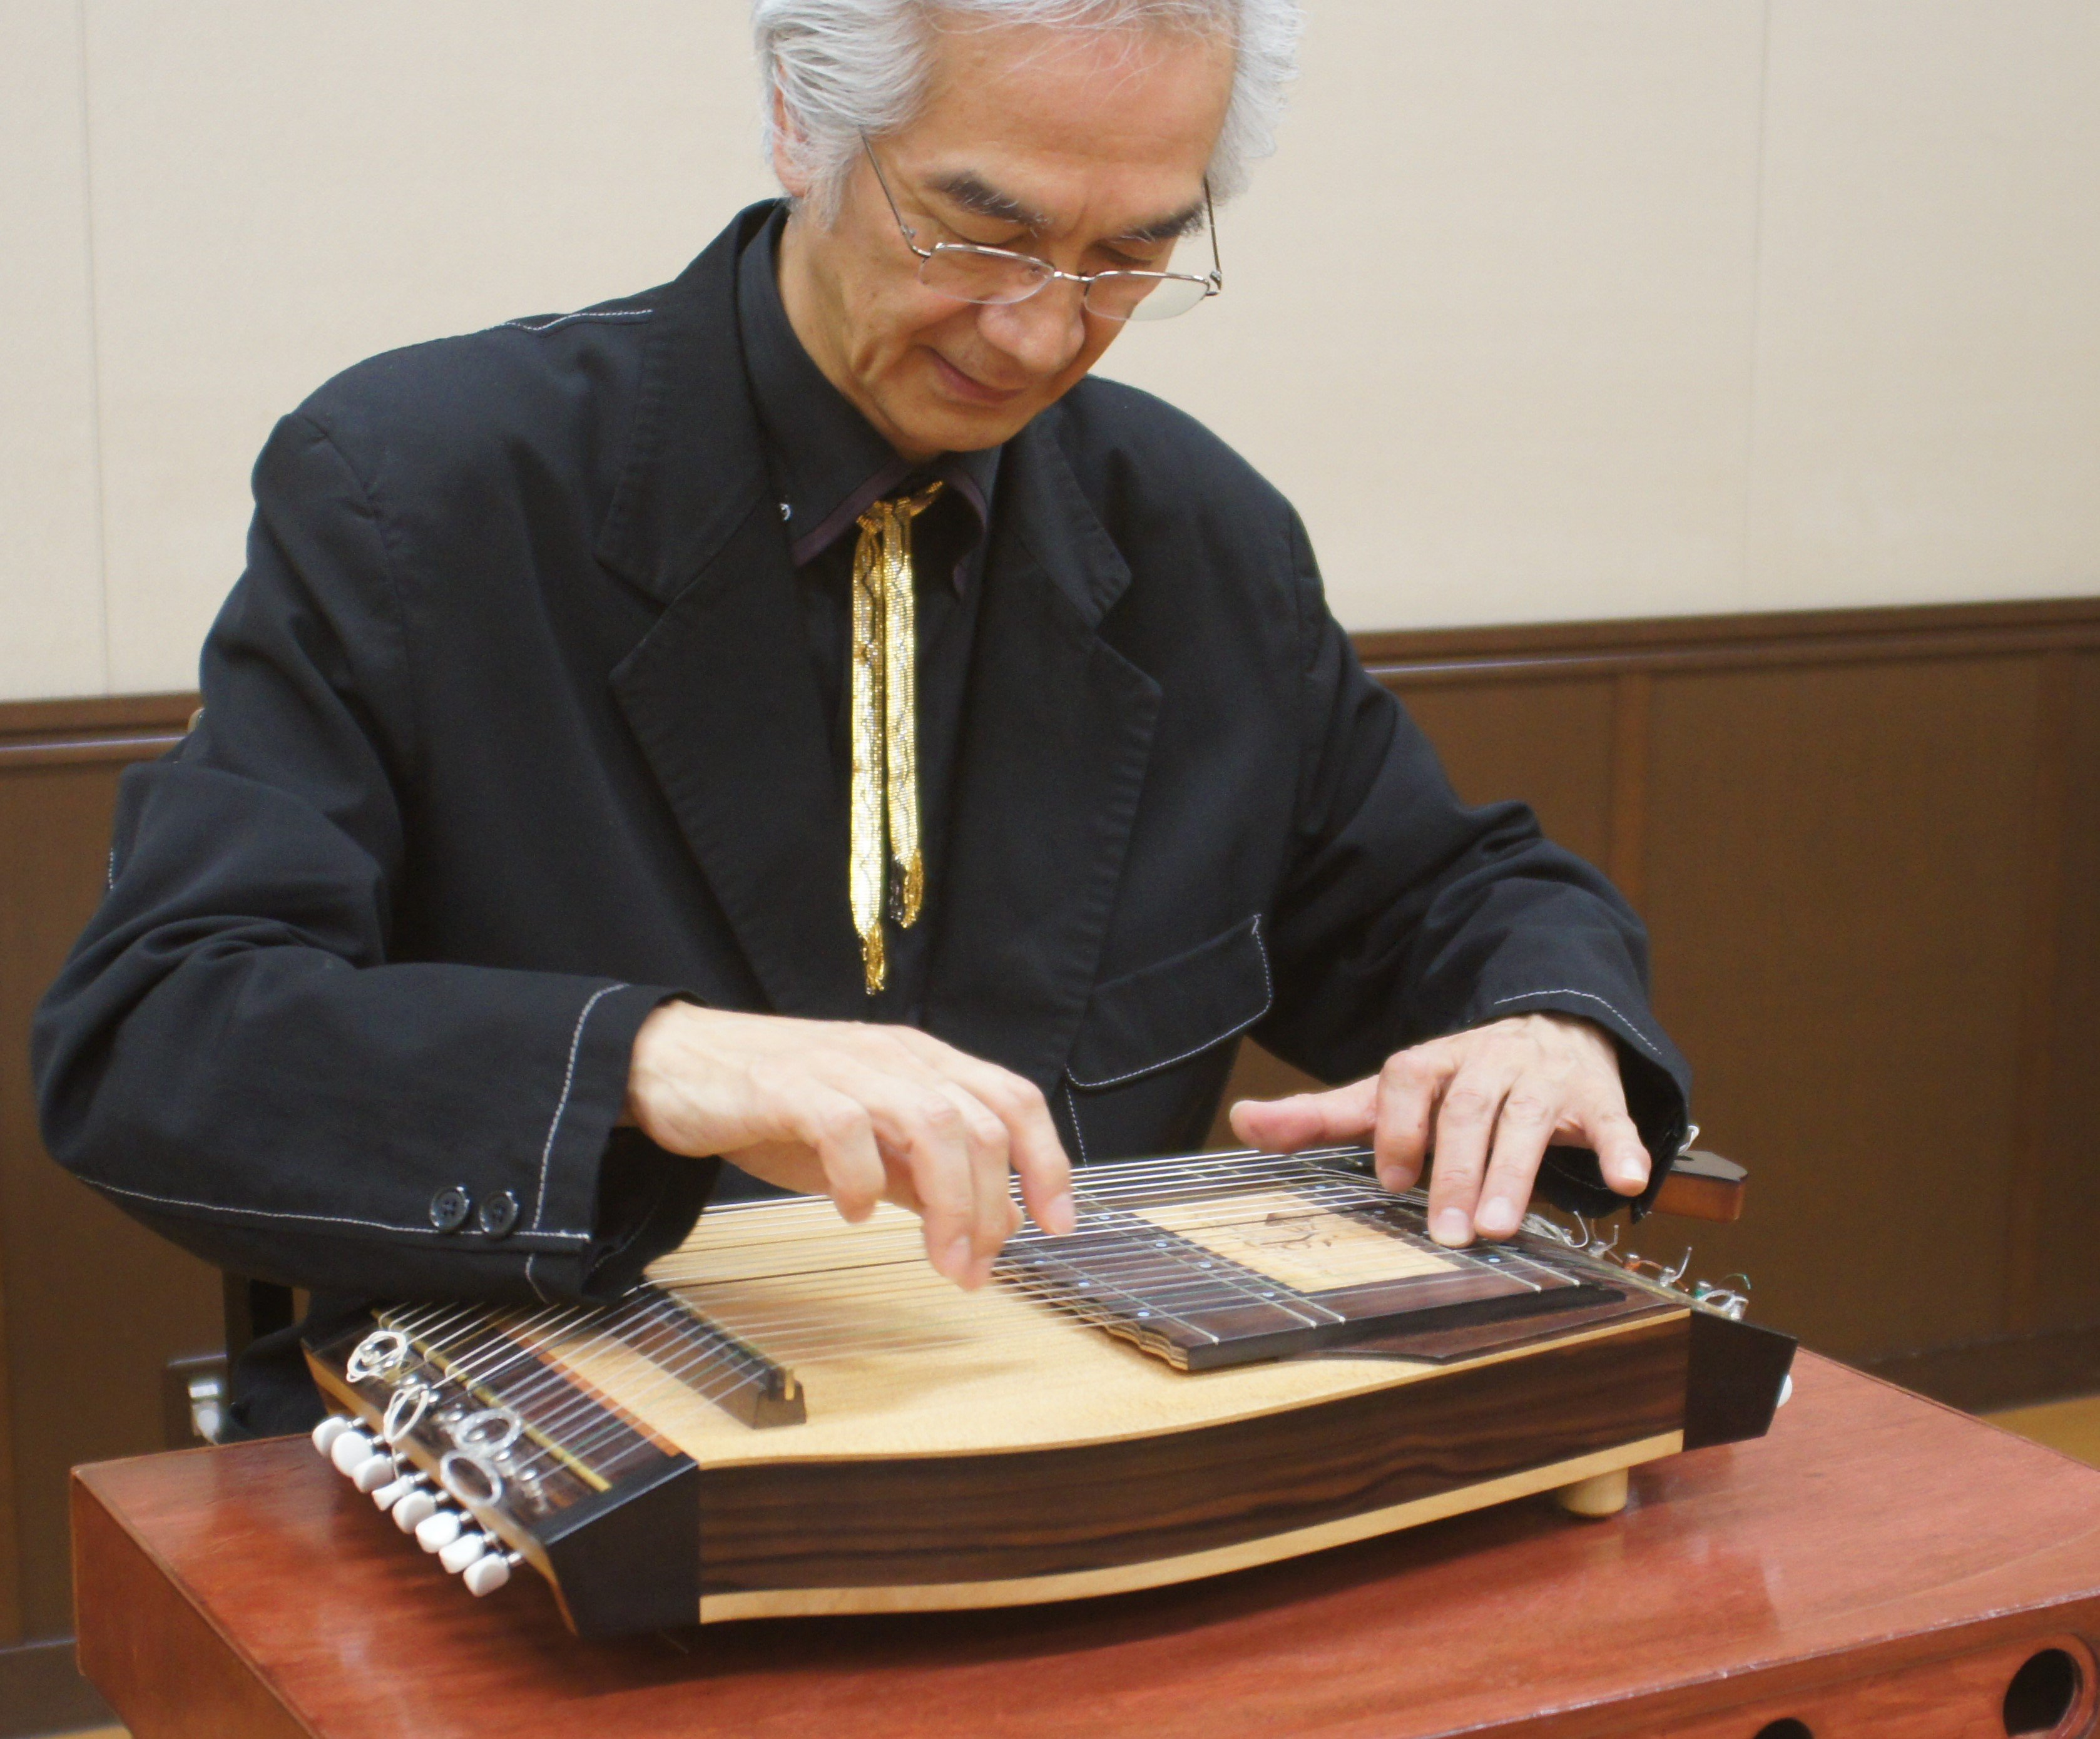 吉川二郎のギタルパ個人レッスン45分【門下生専用】のイメージその4